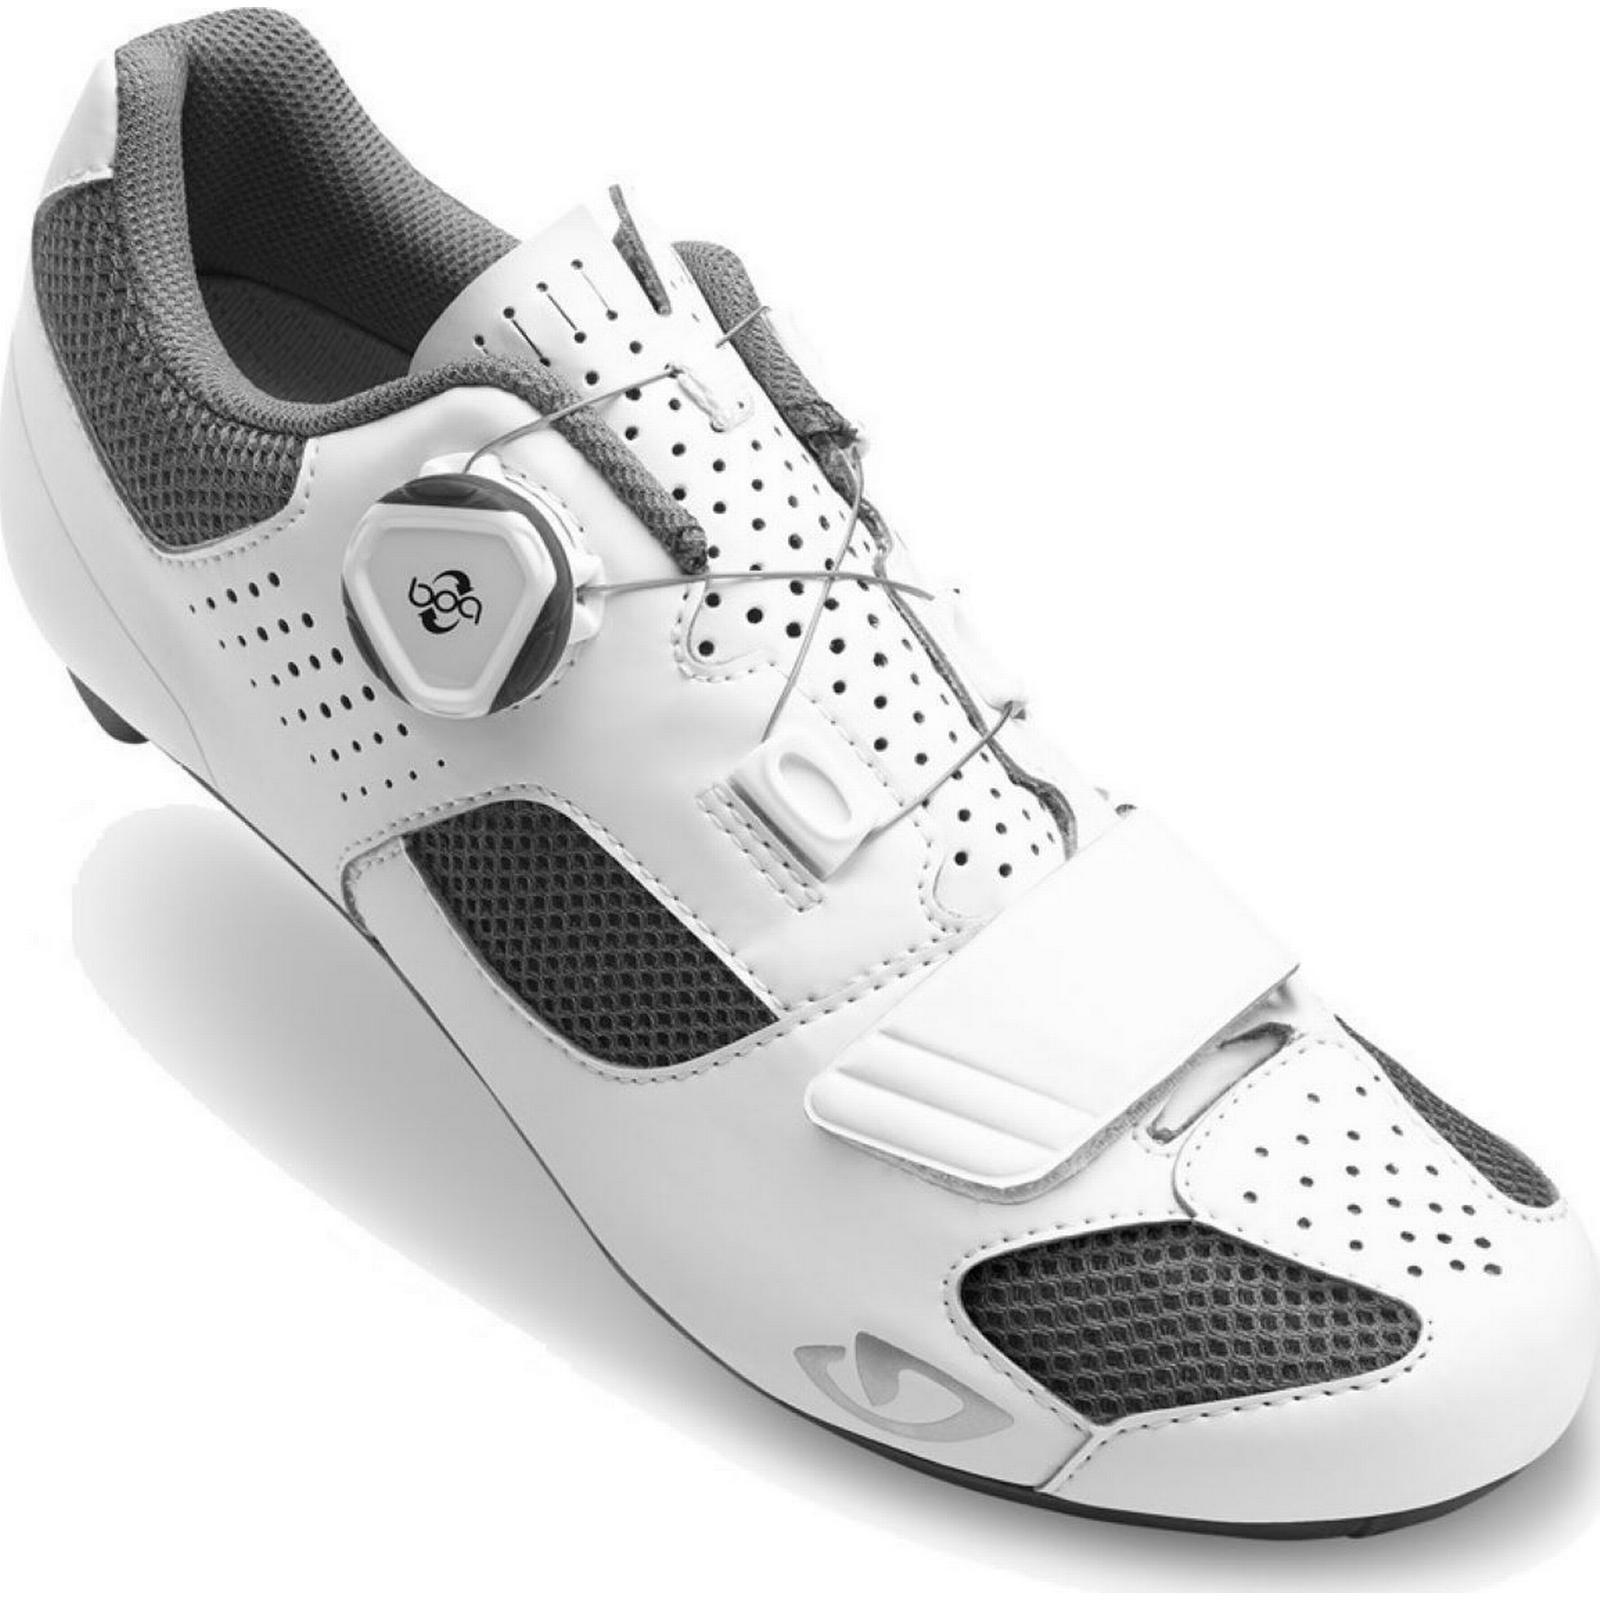 Wiggle Online Cycle Shop Giro Espada Cycling Boa Women's Road Shoe Cycling Espada Shoes c8bcfa